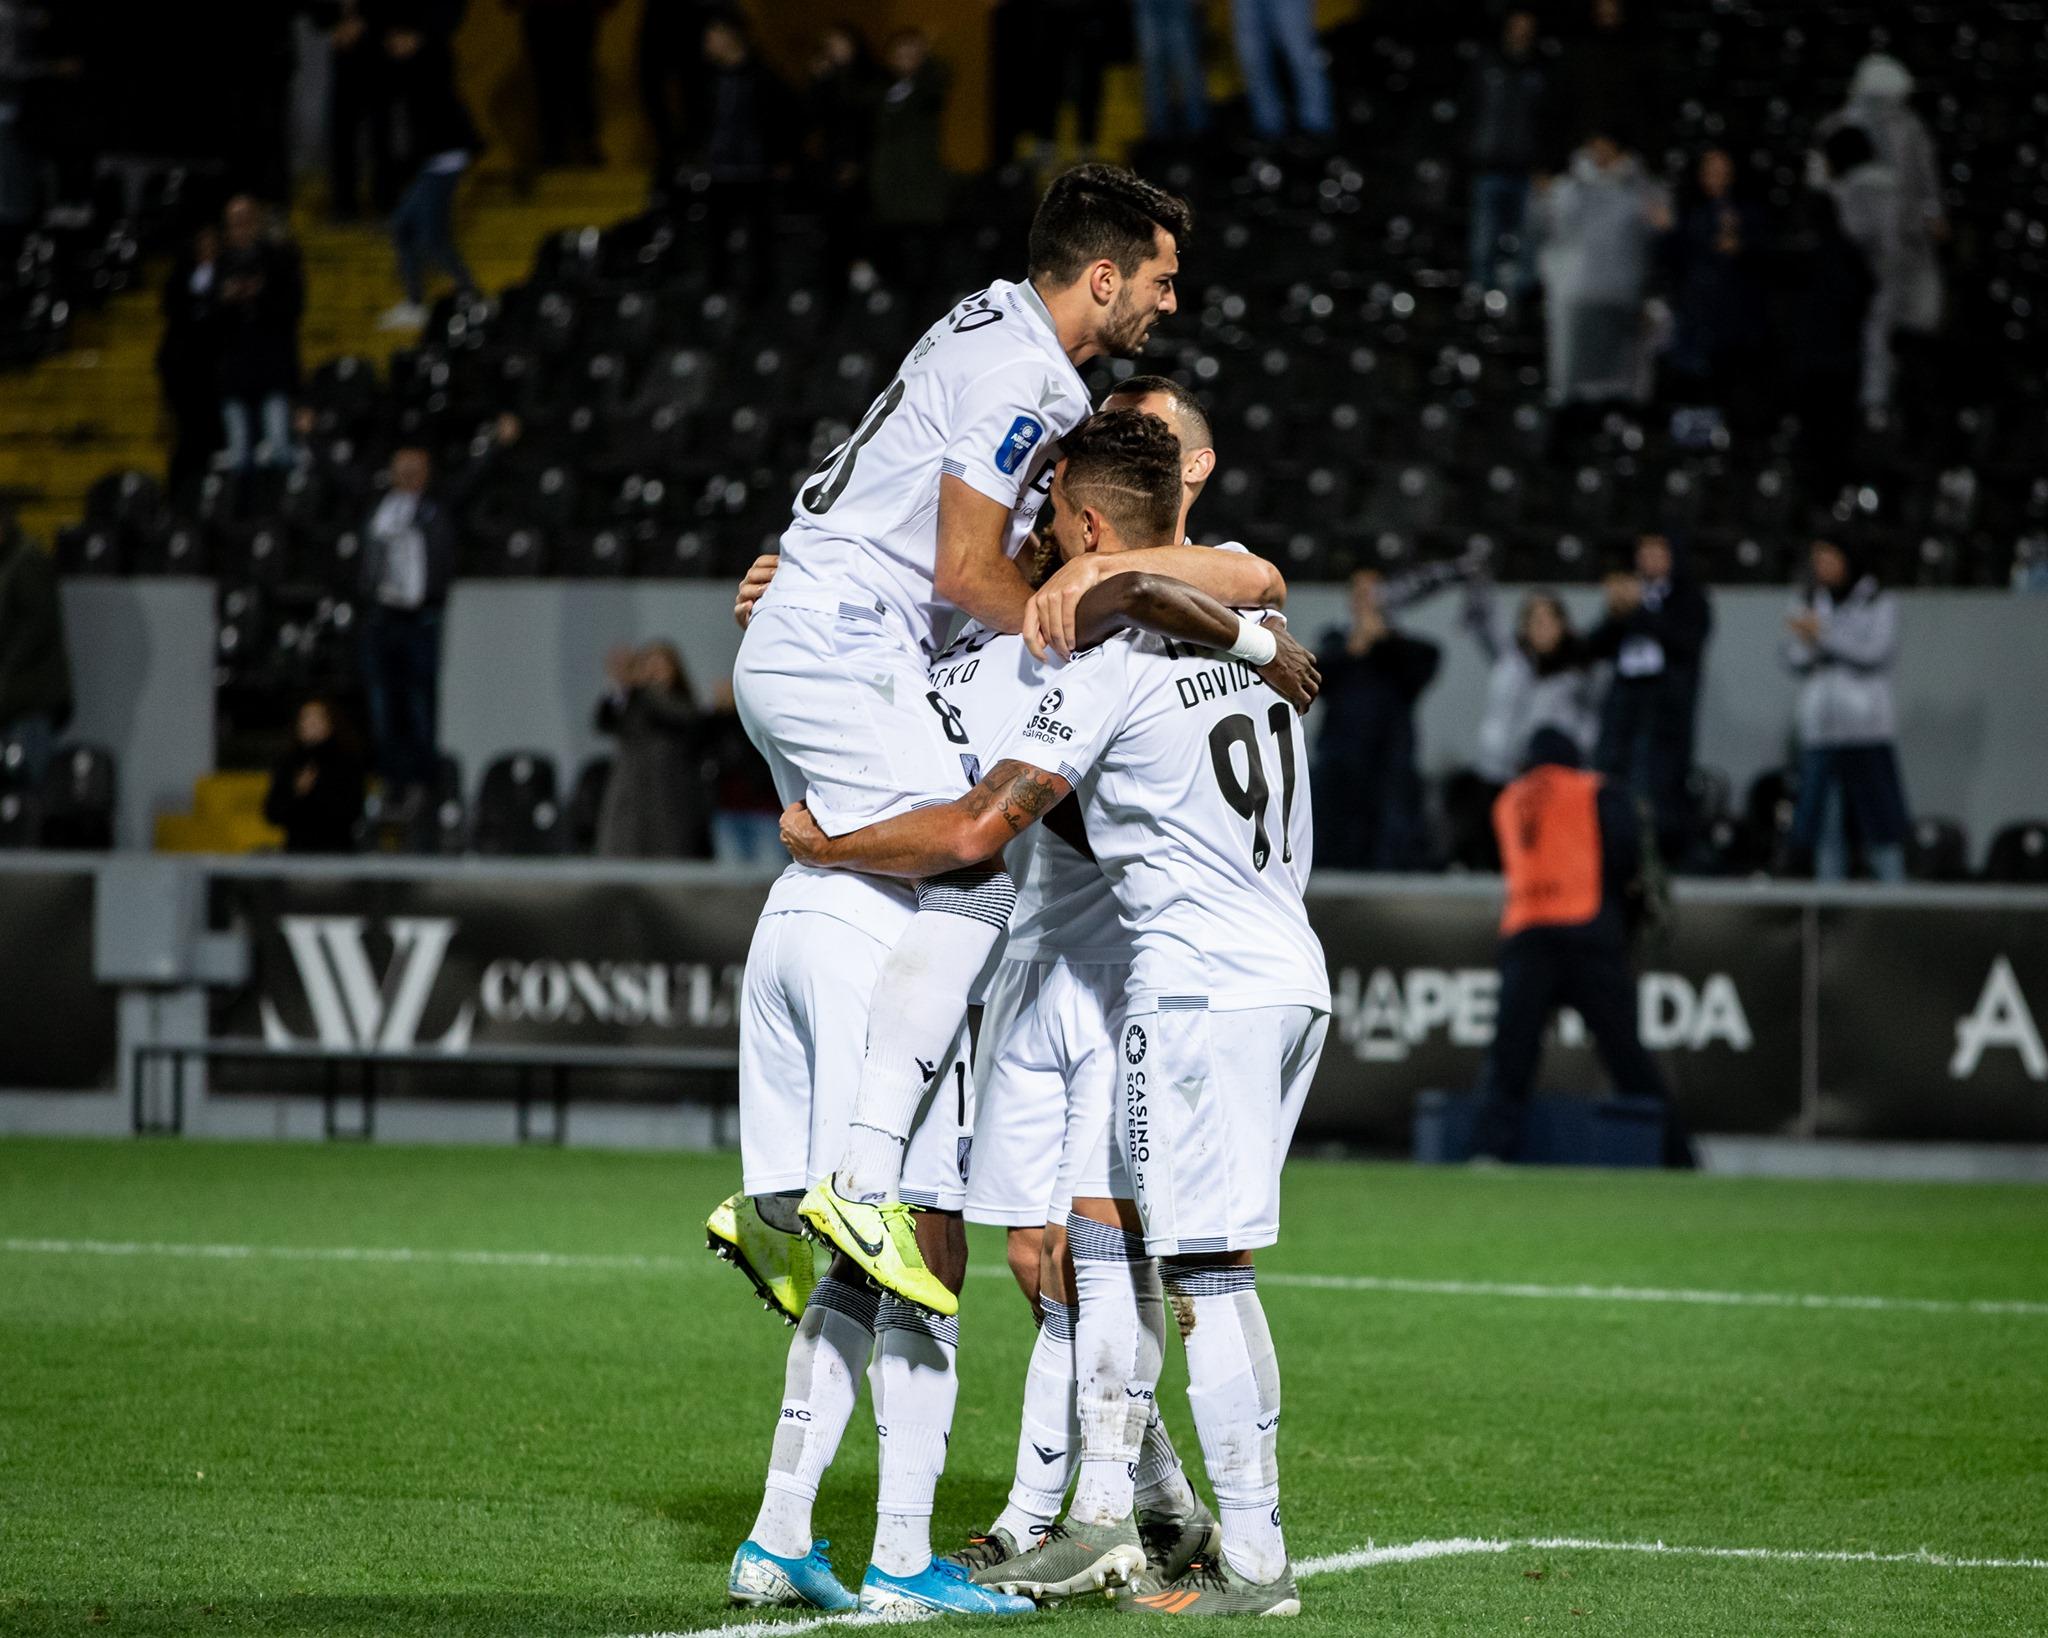 portogallo-primeira-liga-pronostici-27-gennaio